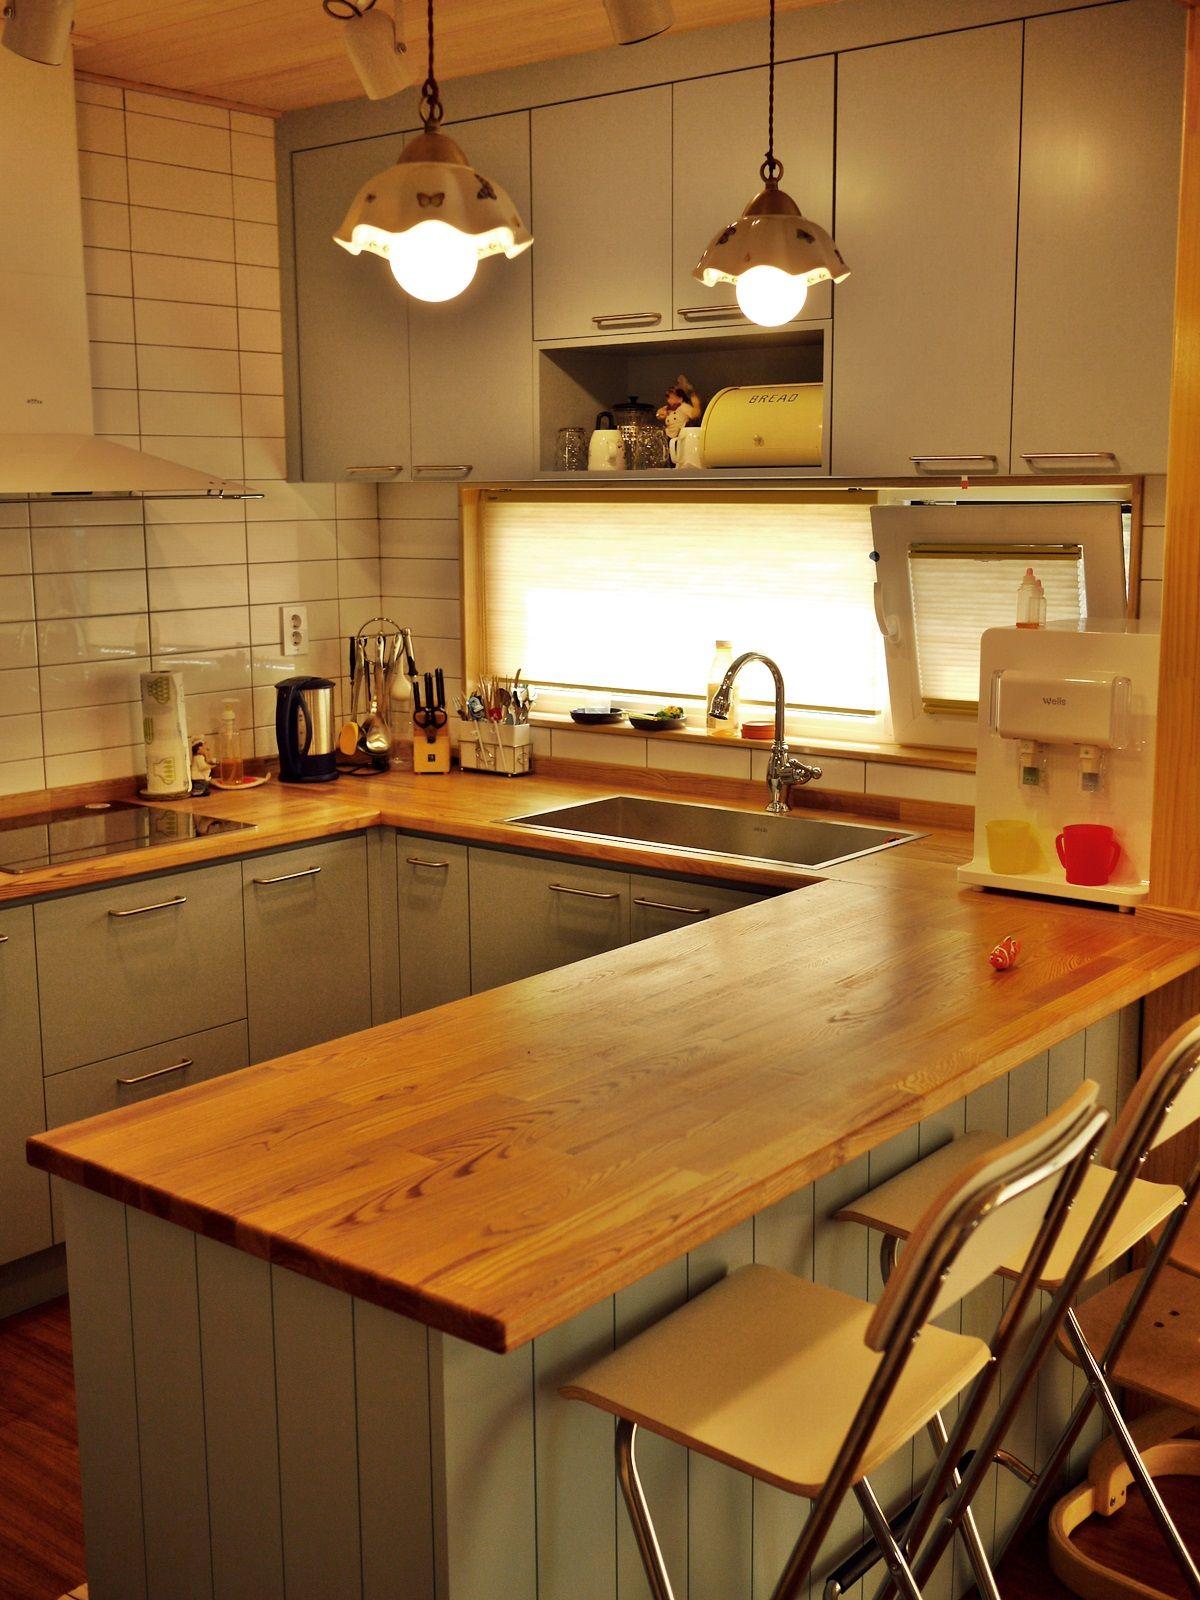 kitchen, wooden floor, green wooden cabinet, wooden counter top, grey cabnet, pendant